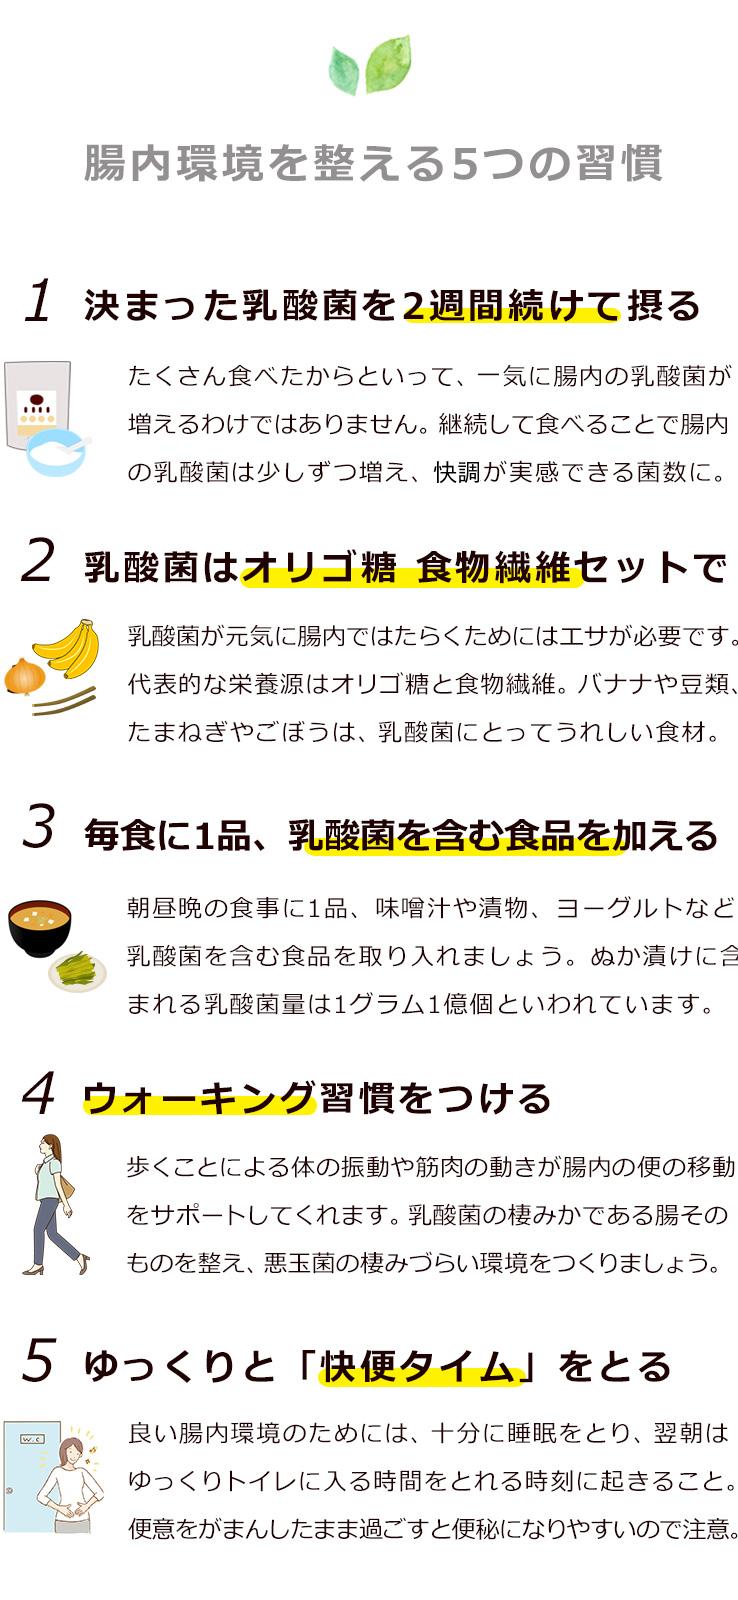 5つの習慣